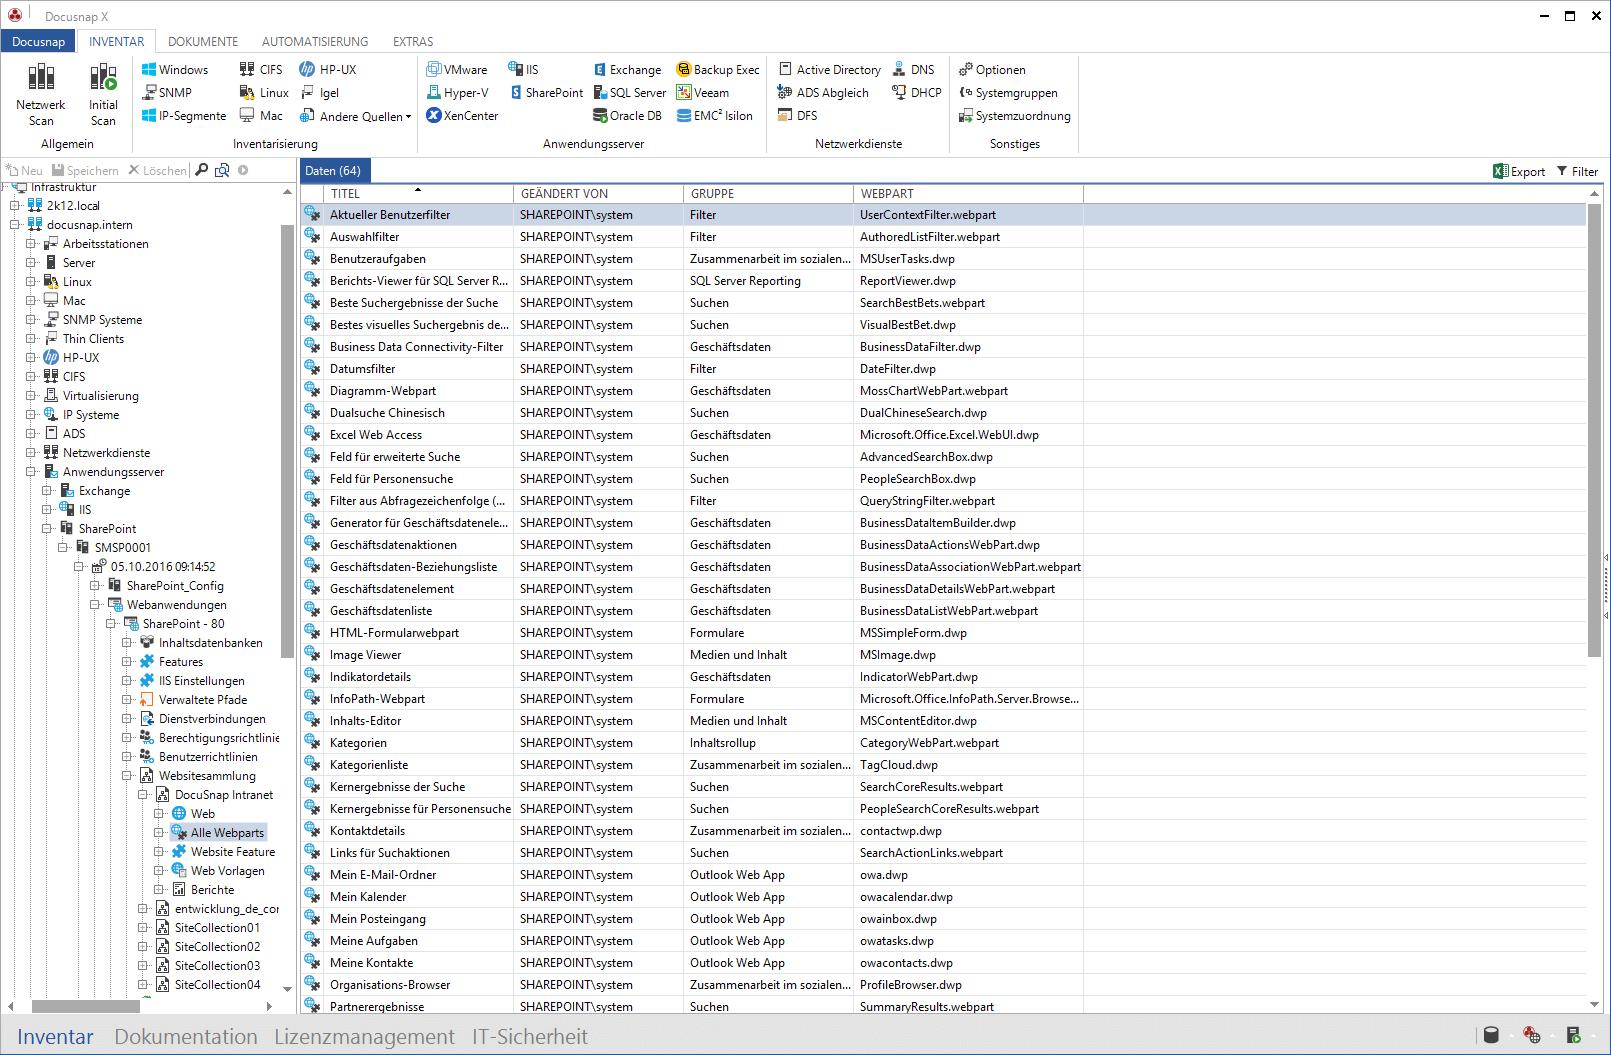 Ausgabe von Ergebnissen der SharePoint Inventarisierung